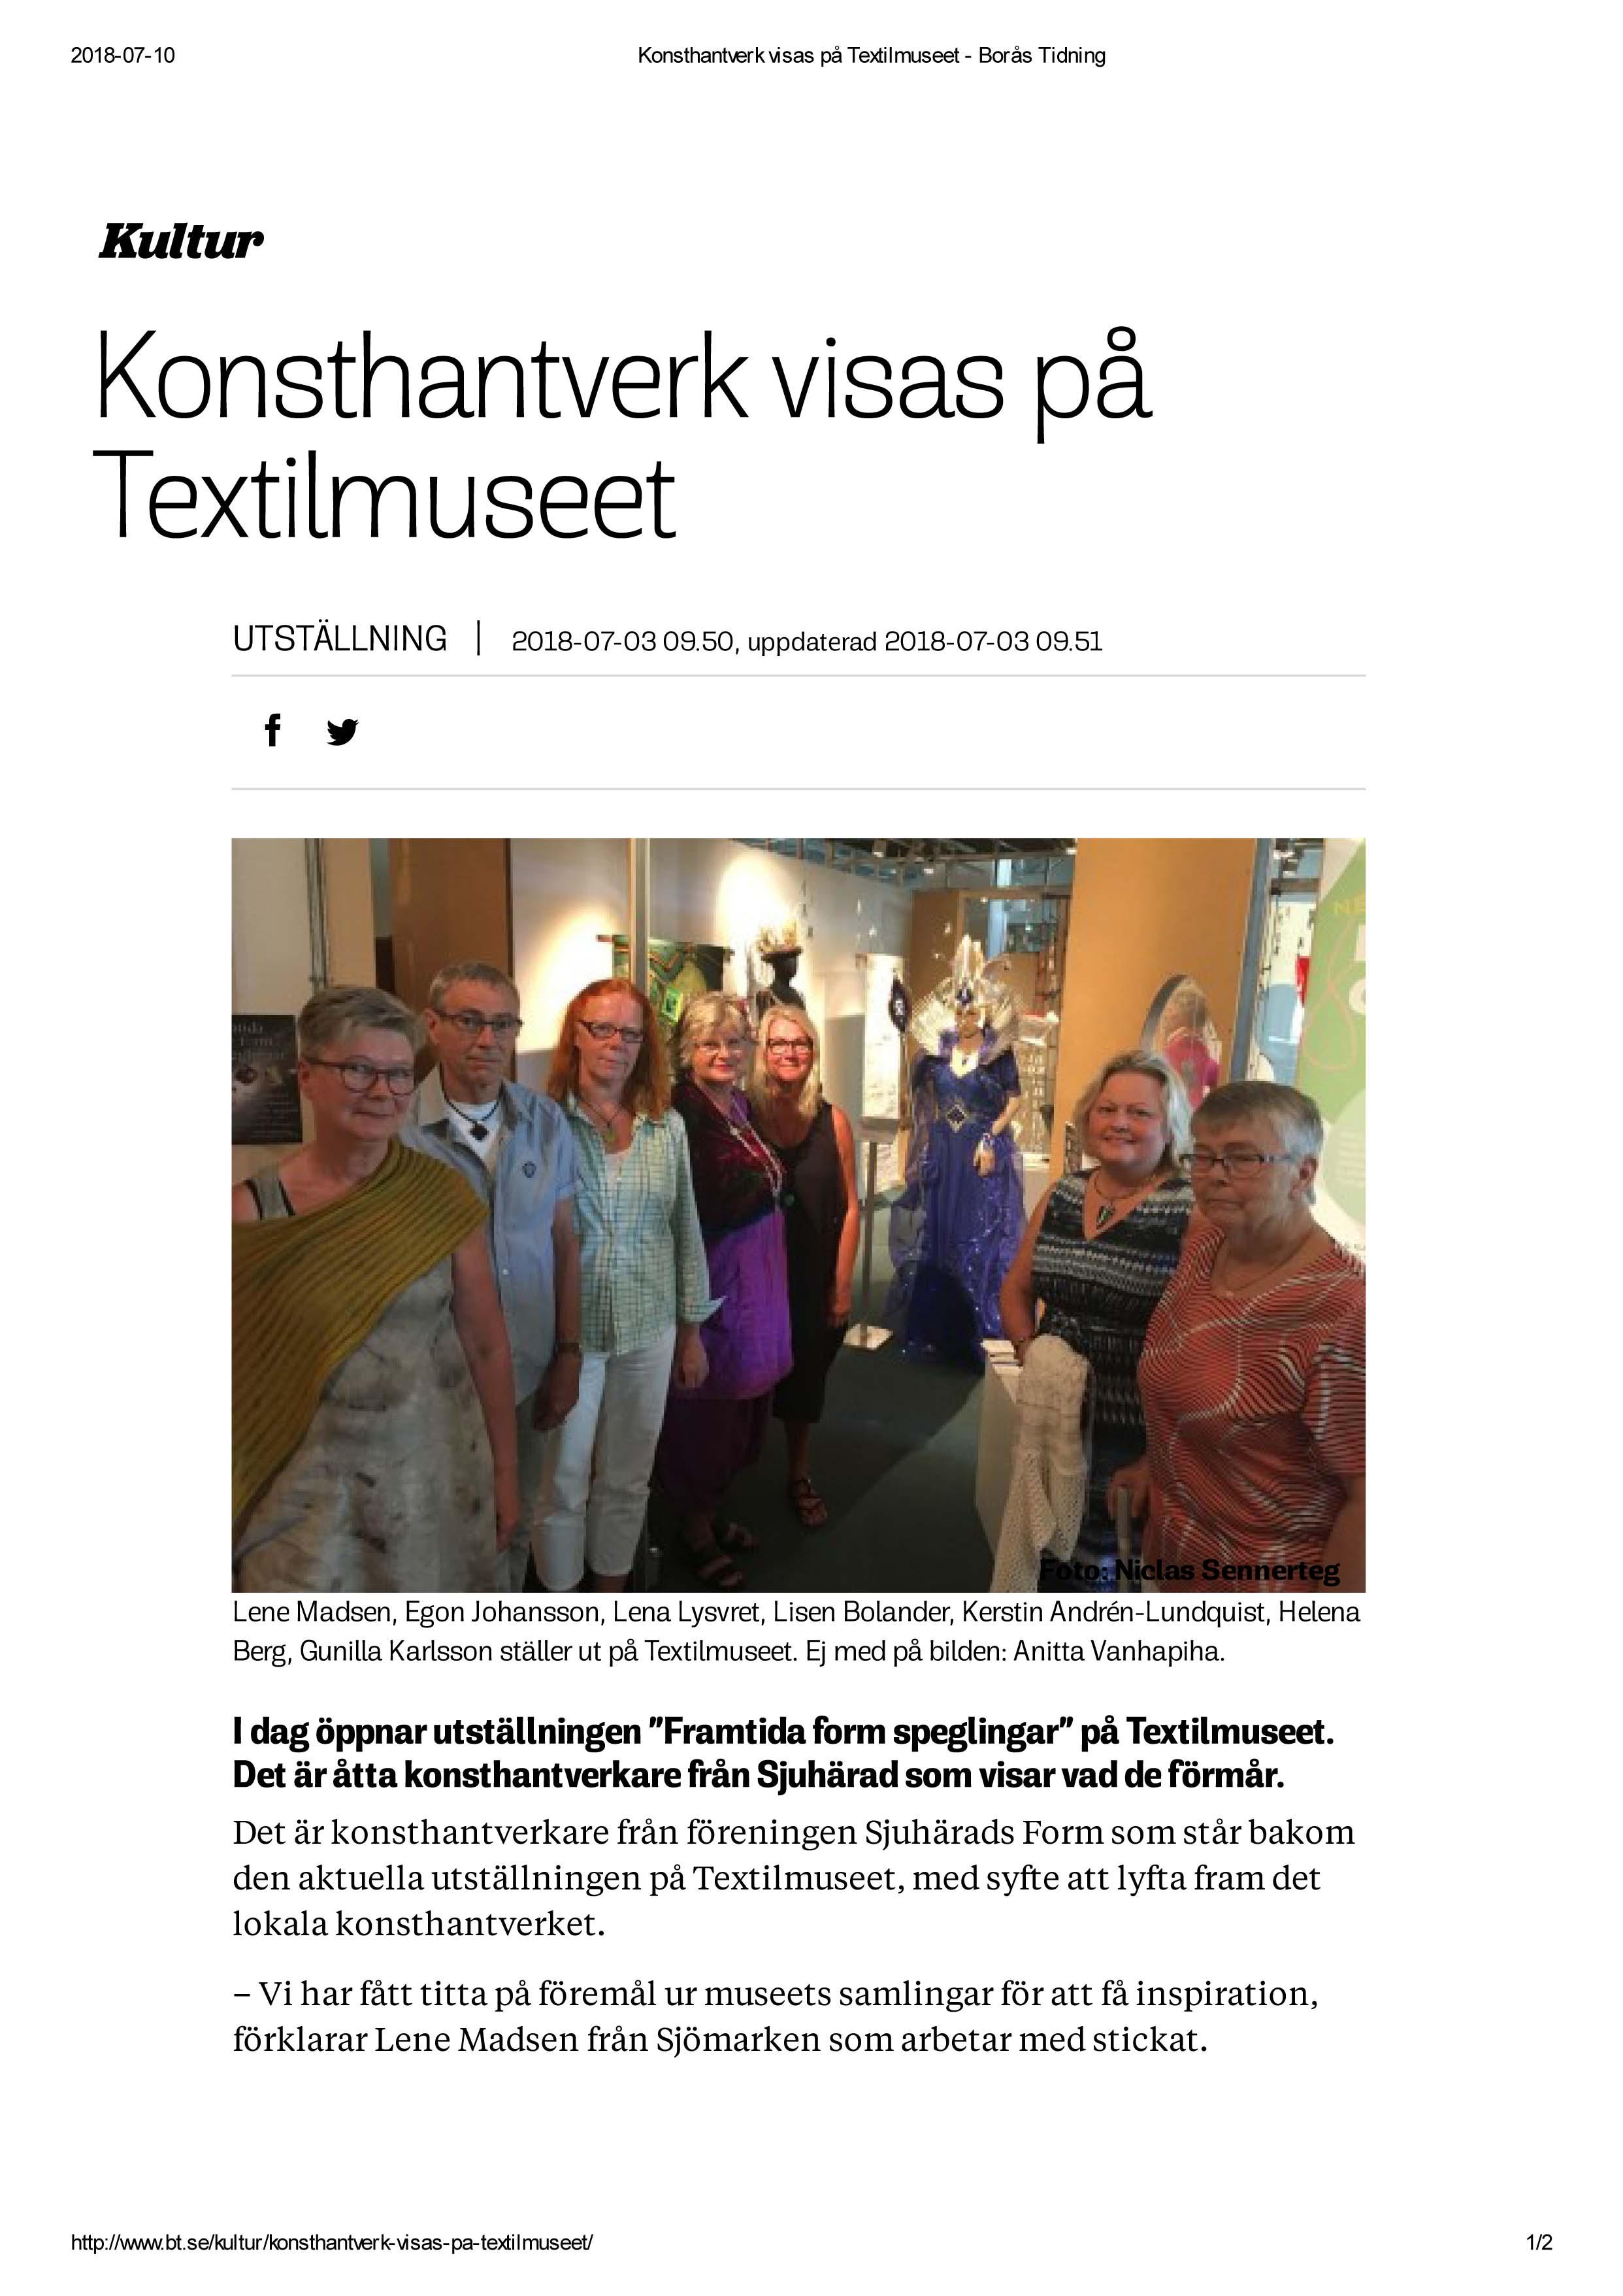 Konsthantverk visas på Textilmuseet - Borås Tidning-1.jpg